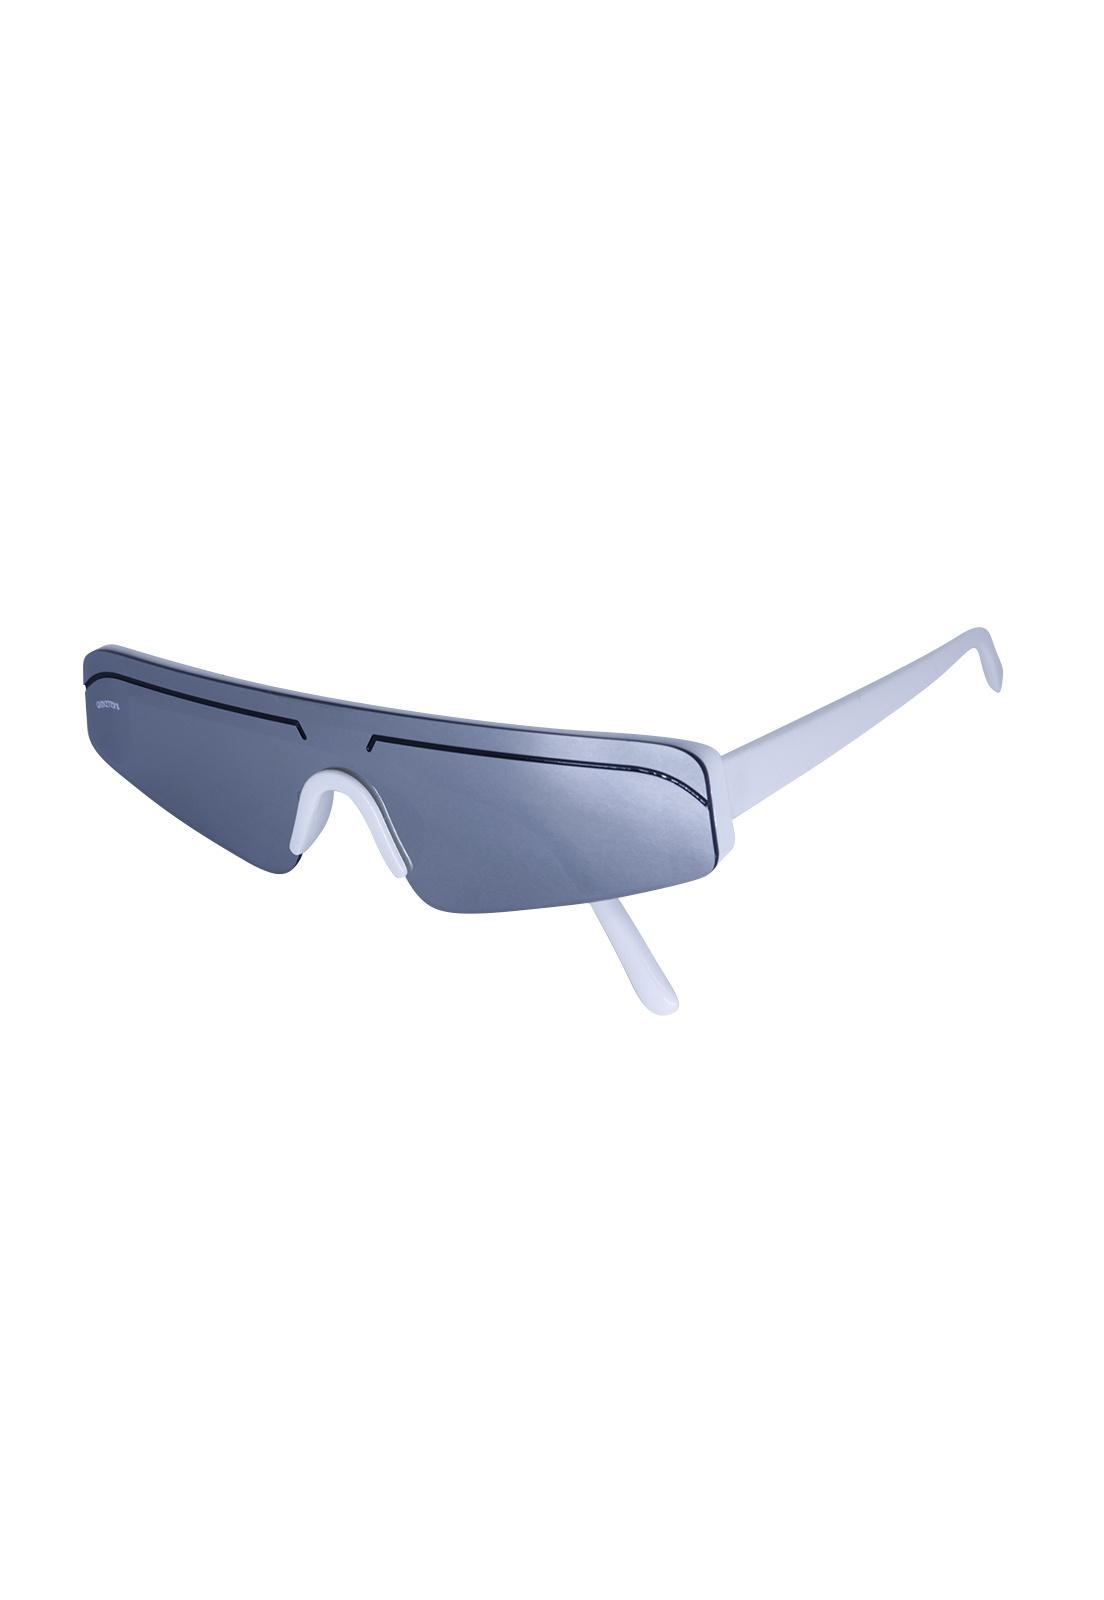 Óculos de Sol Grungetteria Aurora Branco